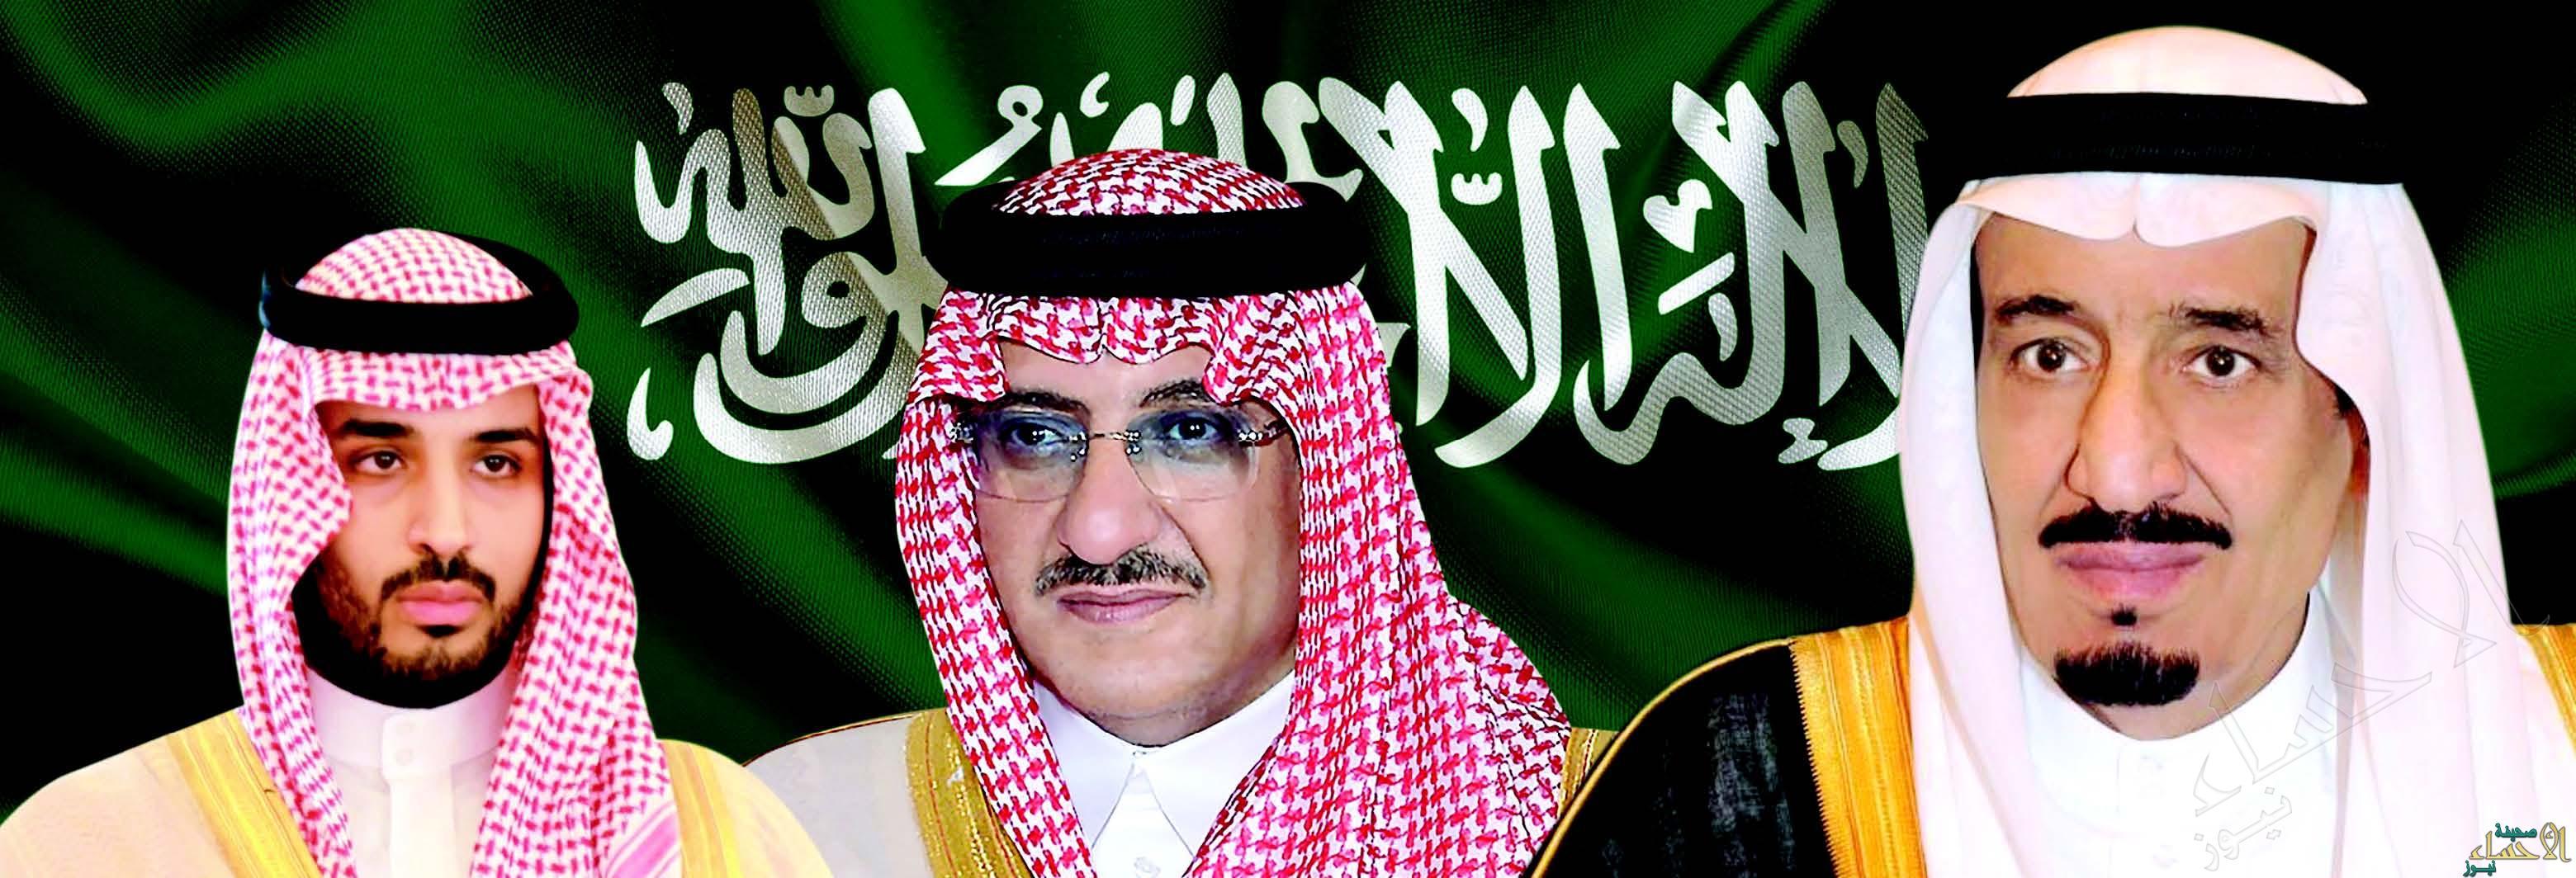 الملك سلمان ولي العهد محمد بن نايف ولي ولي العهد محمد بن سلمان